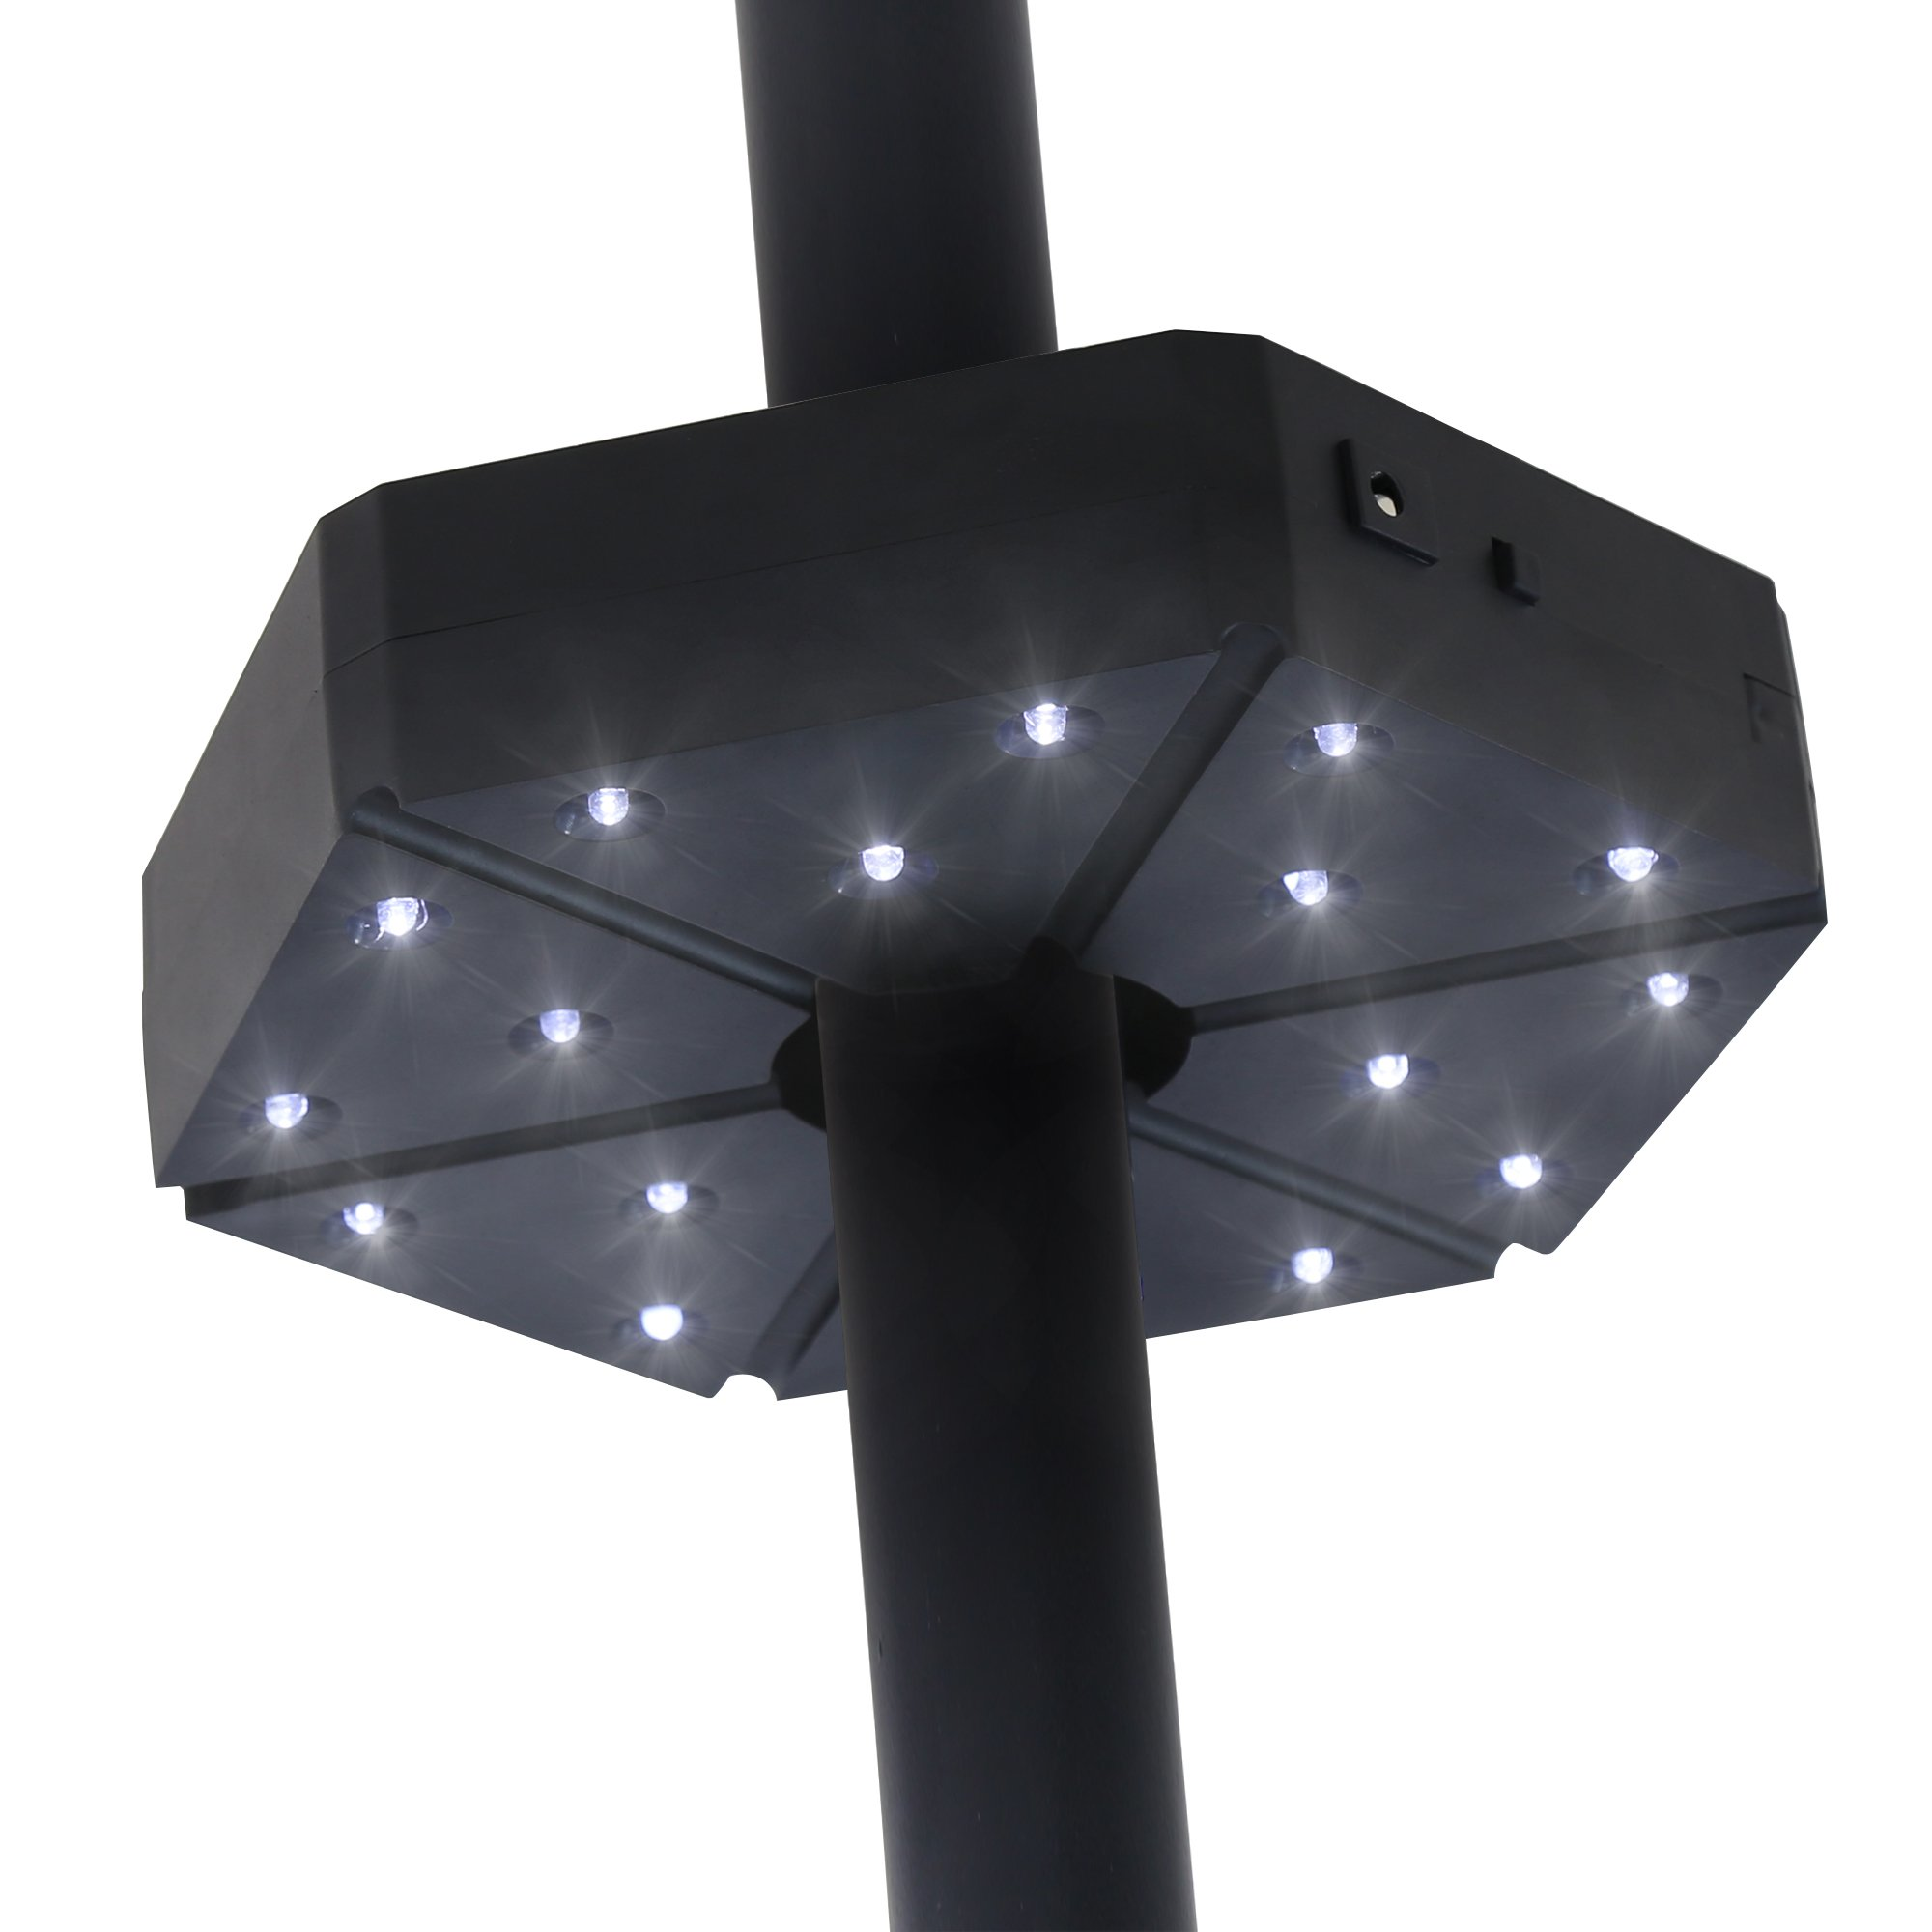 Baner Garden TD17 Patio Umbrella Light,Cordless 18 LED Night Lights,Umbrella Pole Light for Patio Umbrella,Outdoor Use Or Table Light (Matte Black)